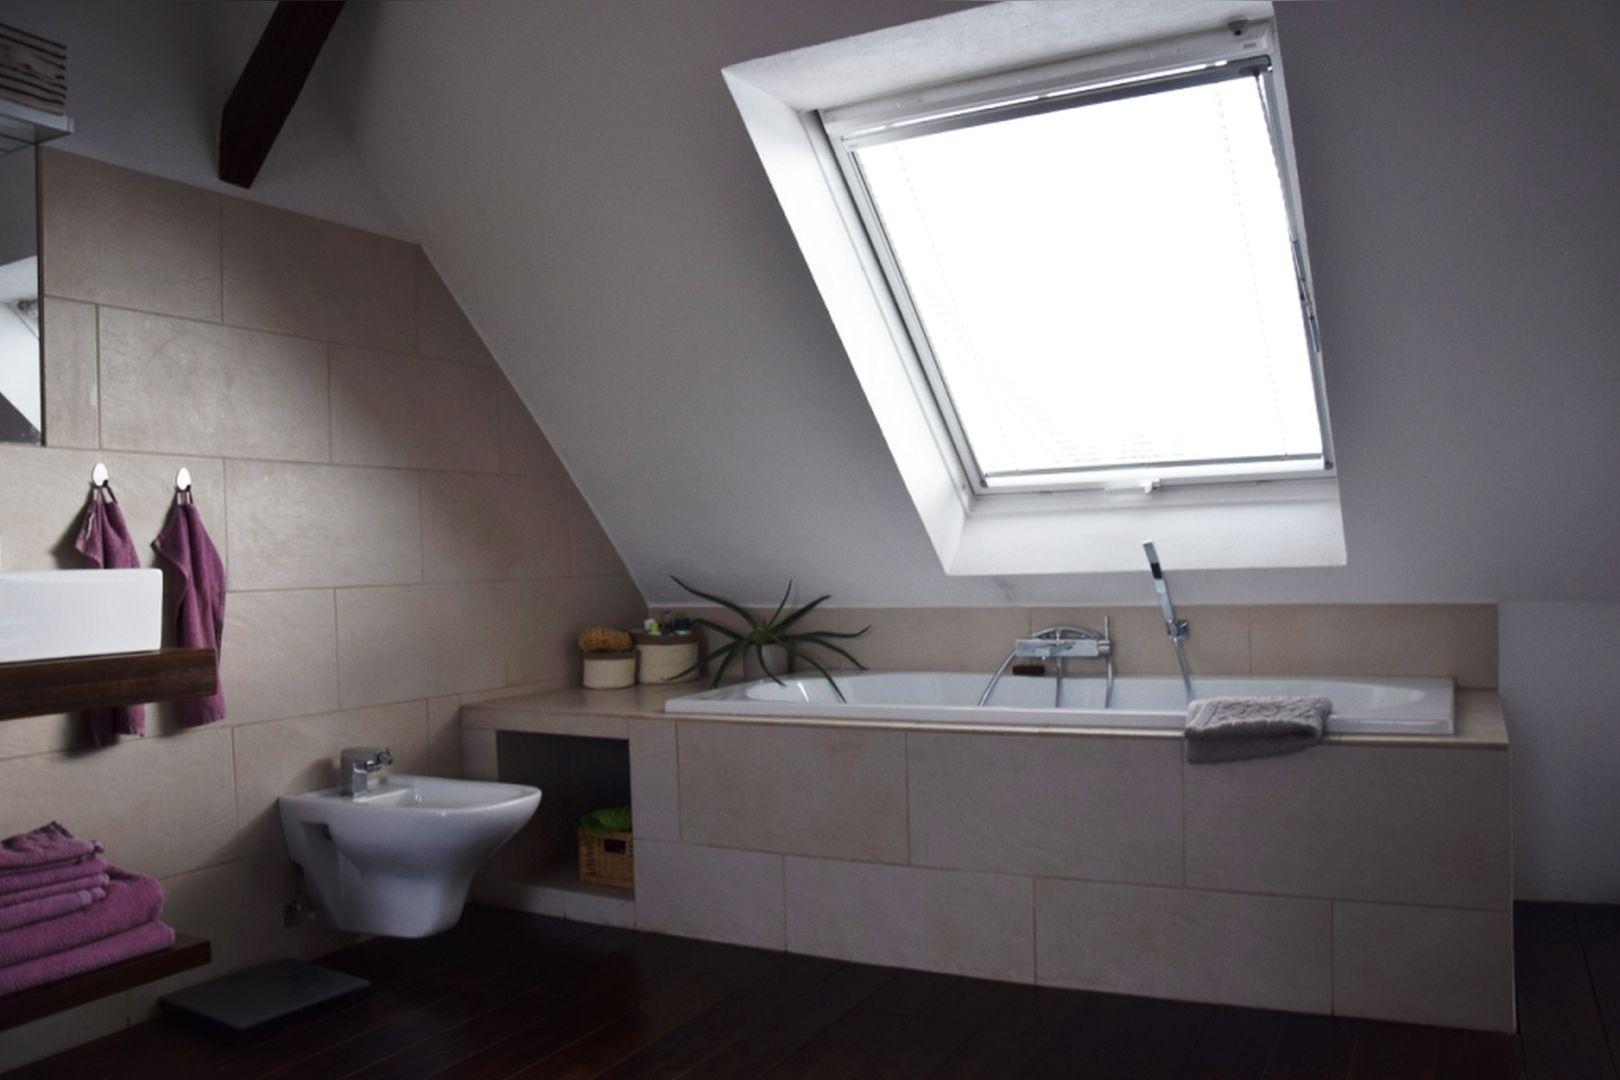 Immobilie Nr.0250 - Maisonette-Wohnung - Bild 13.jpg